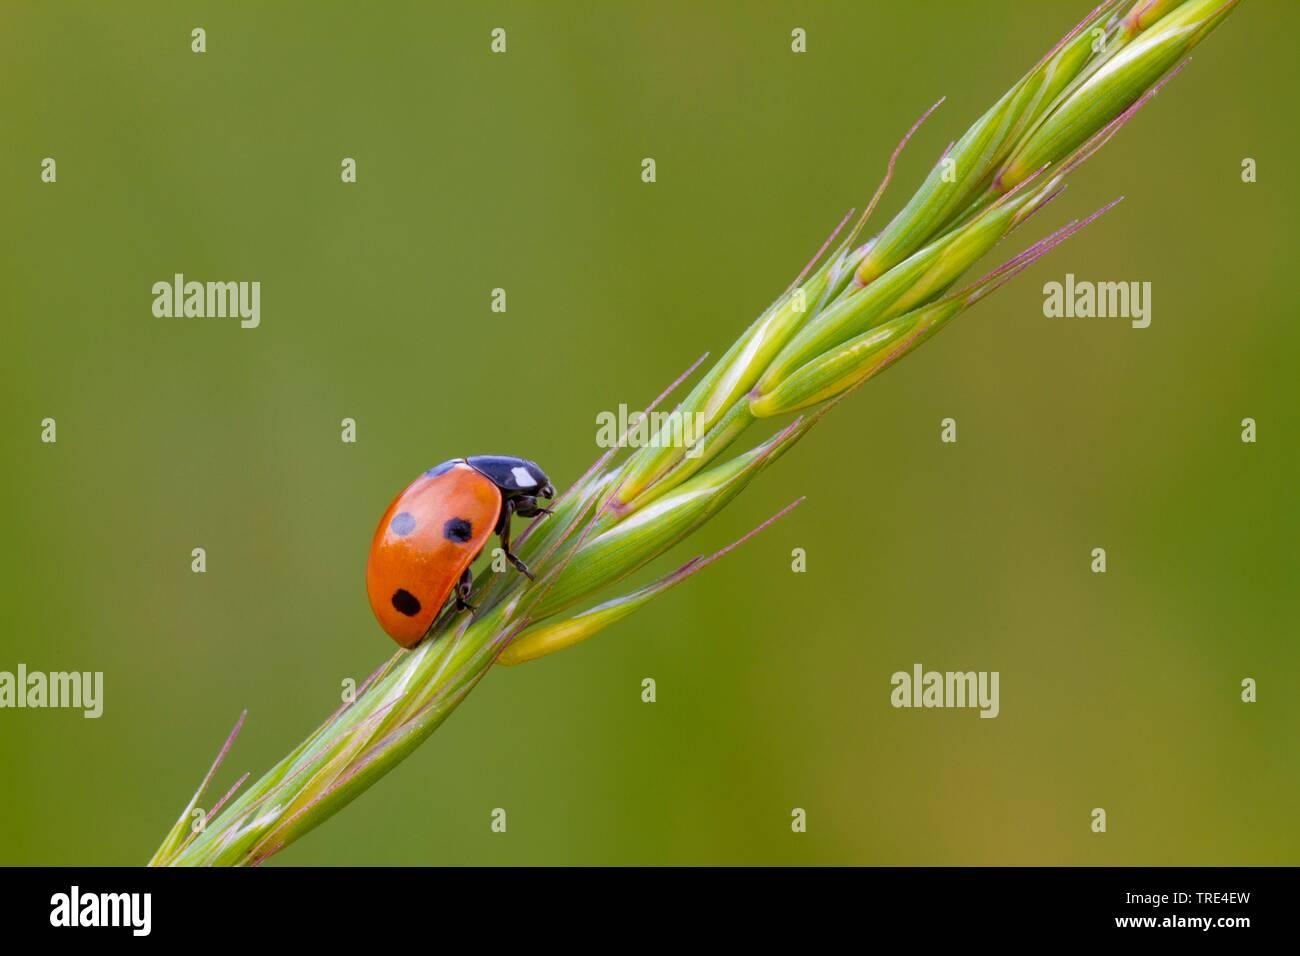 Siebenpunkt, Siebenpunkt-Marienkaefer, Siebenpunktmarienkaefer (Coccinella septempunctata), sitzt auf einem Gras, Deutschland, Hessen   seven-spot lad - Stock Image